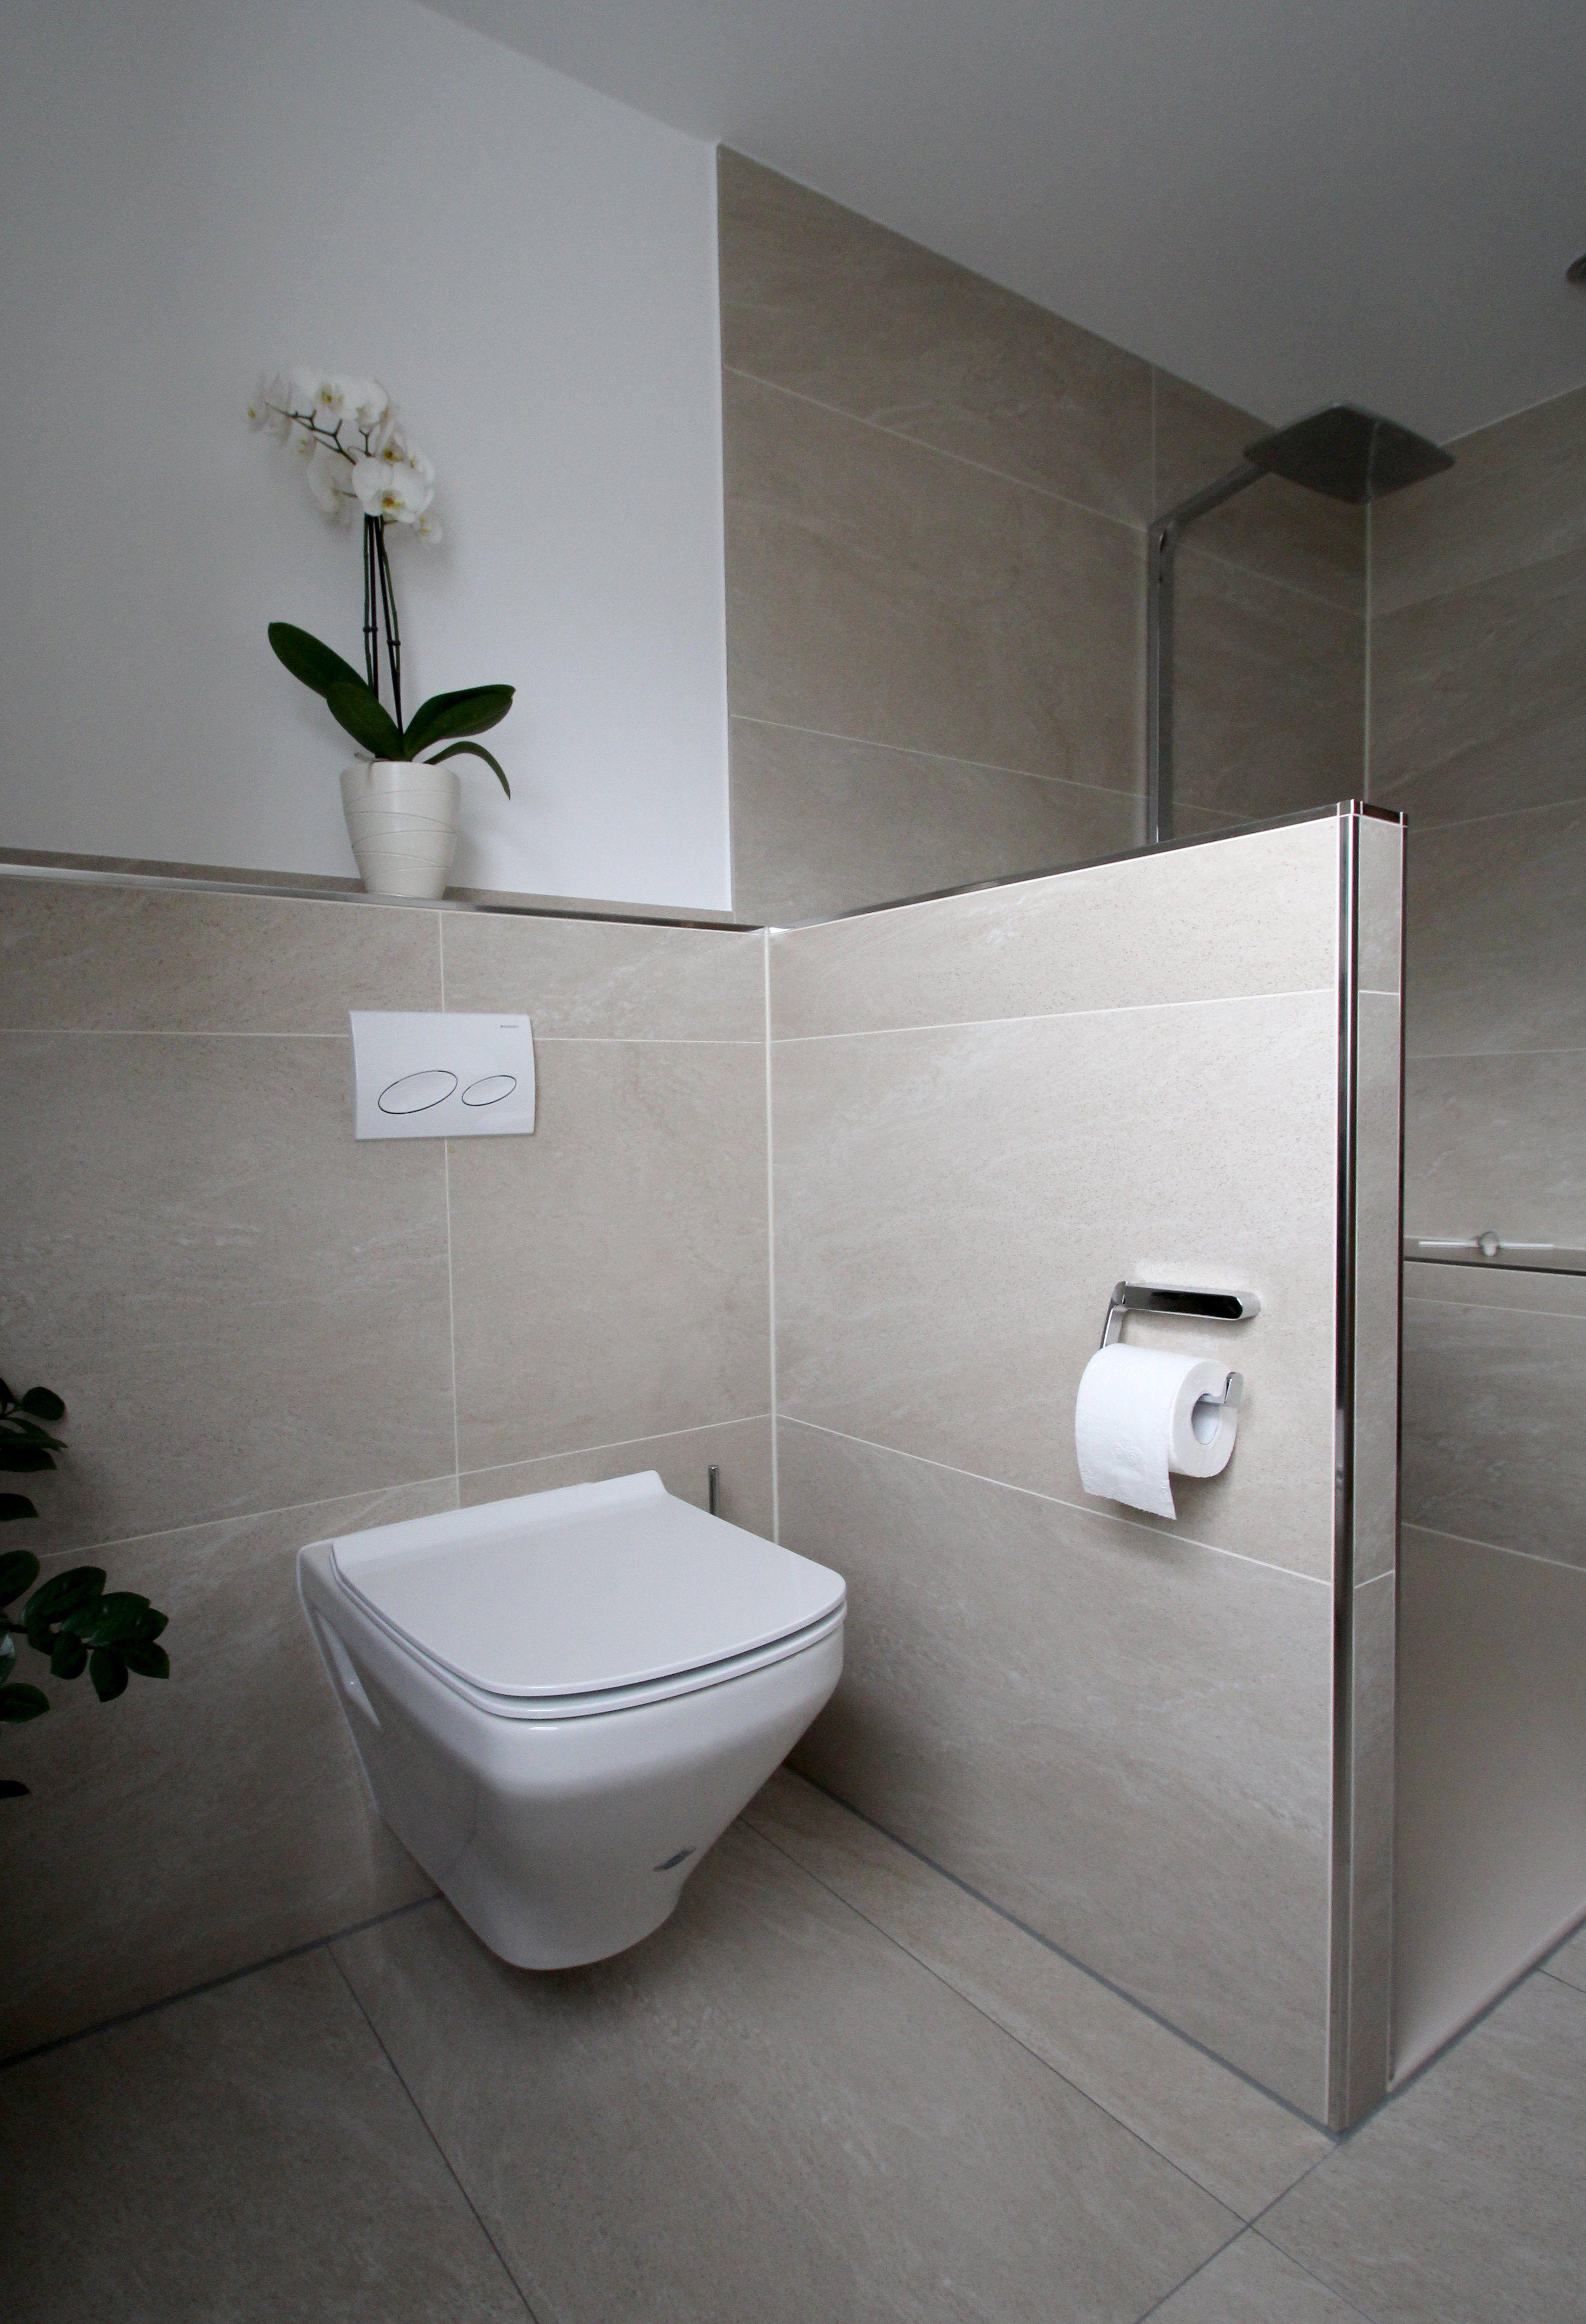 Seniorengerechtes Bad In Naturtonen Kleine Badezimmer Badezimmer Badezimmer Gestalten